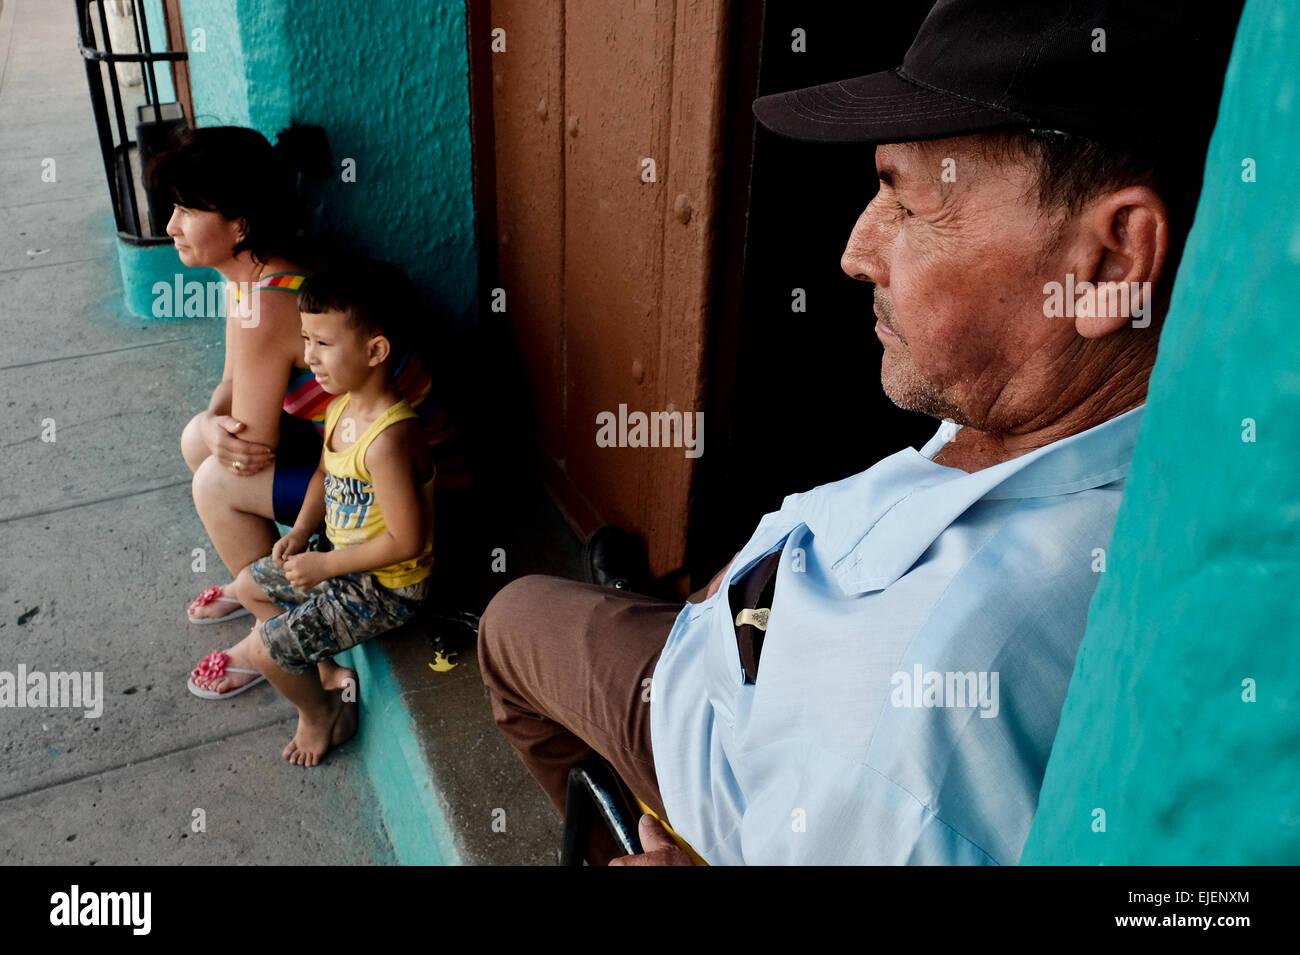 Un homme veille sur sa famille à la porte de leur maison dans les 500 ans de la ville de Sancti Spiritus, Cuba. Photo Stock